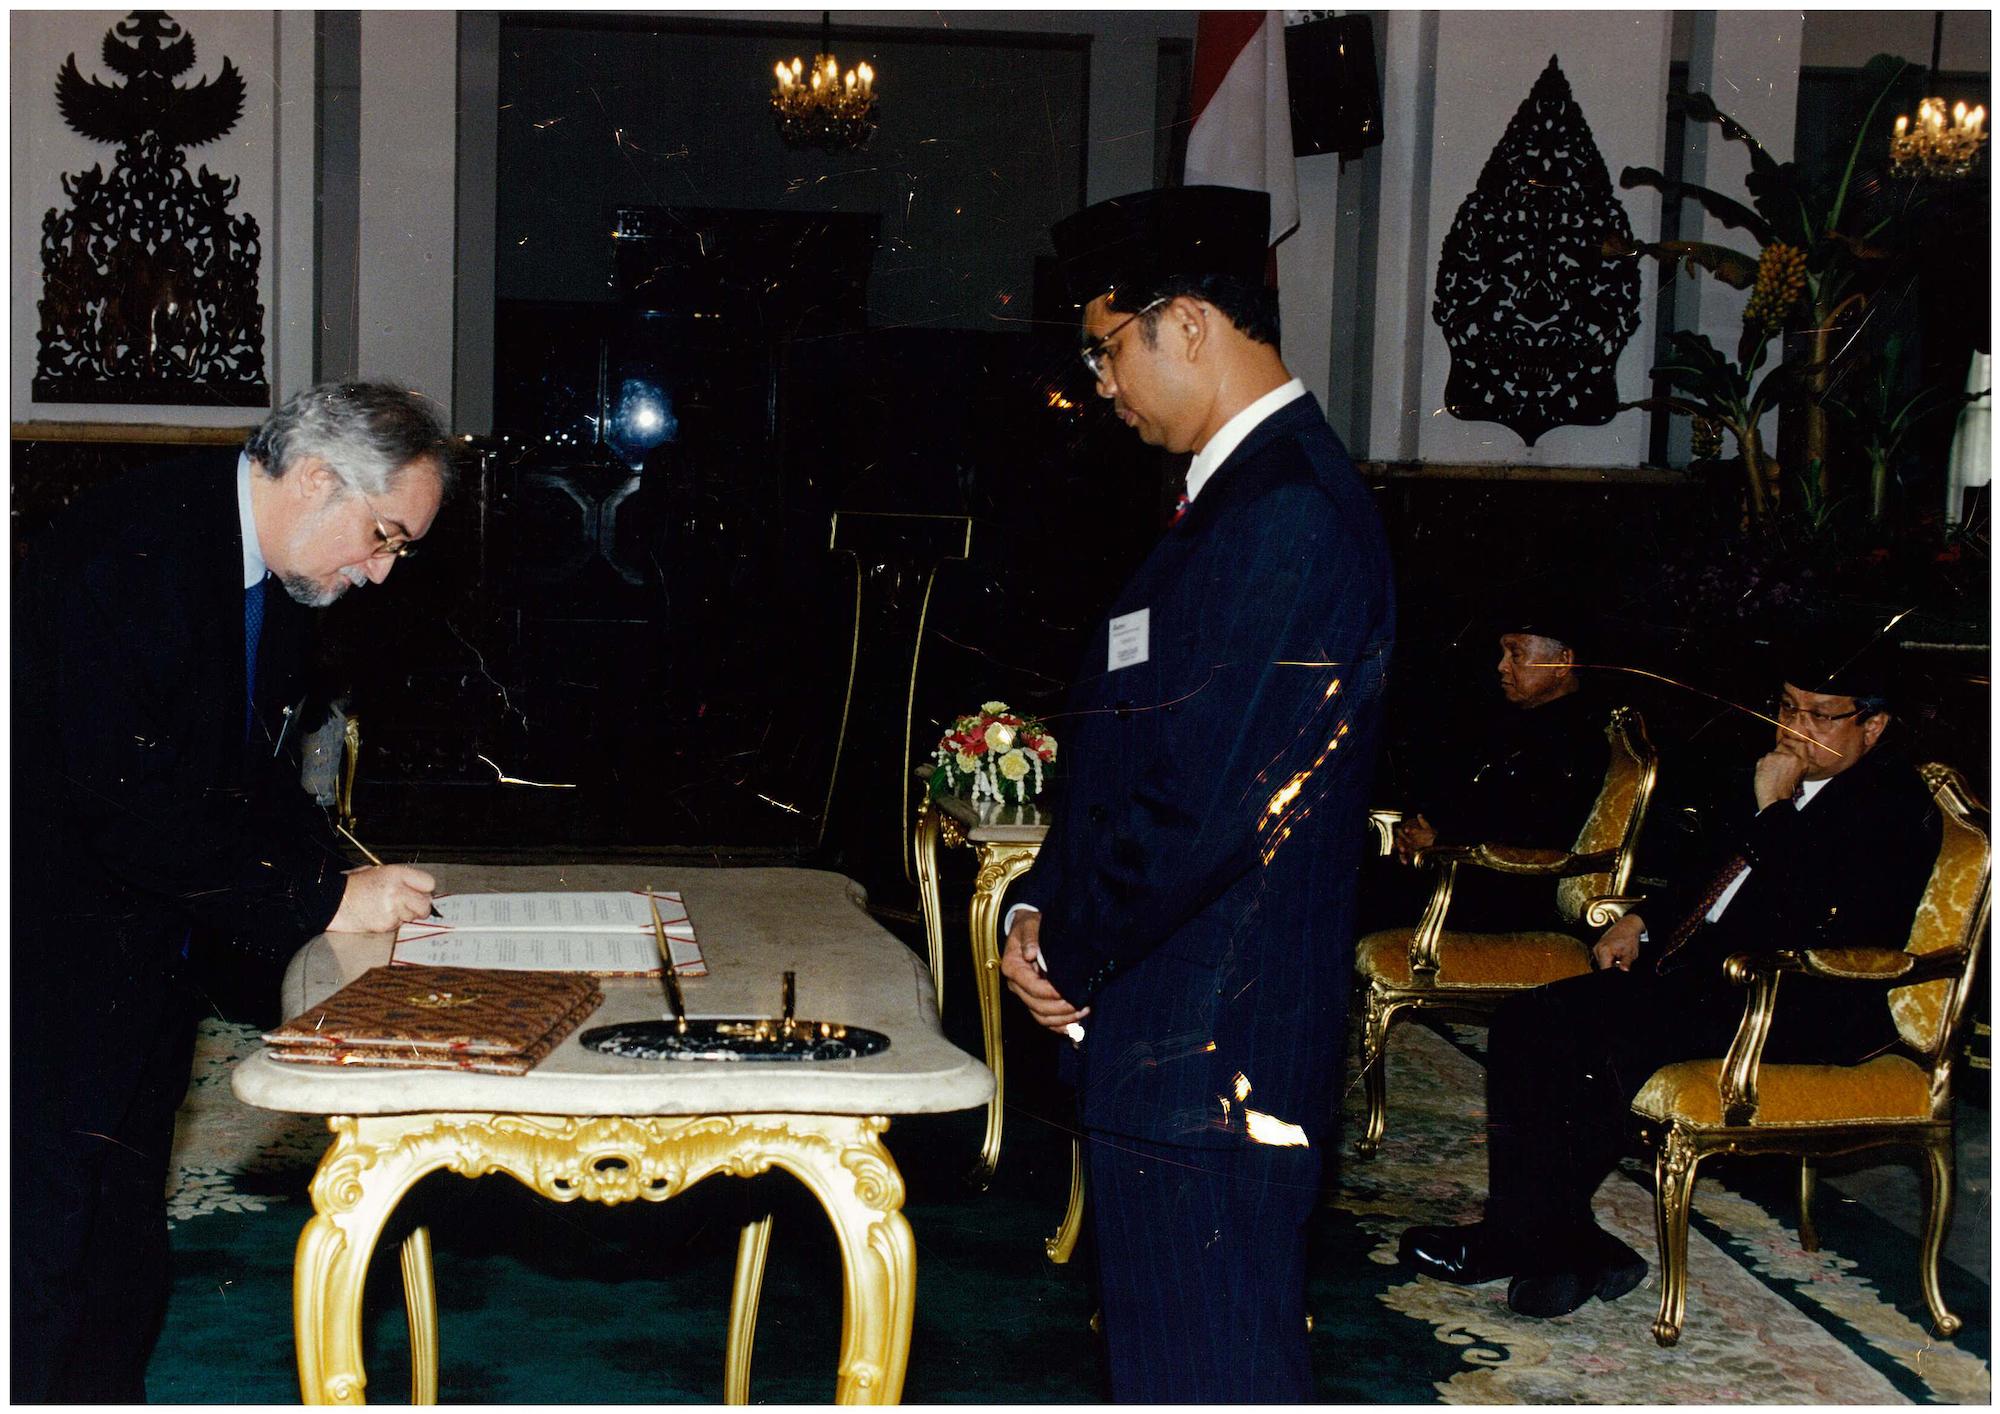 Jakarta-1998 December